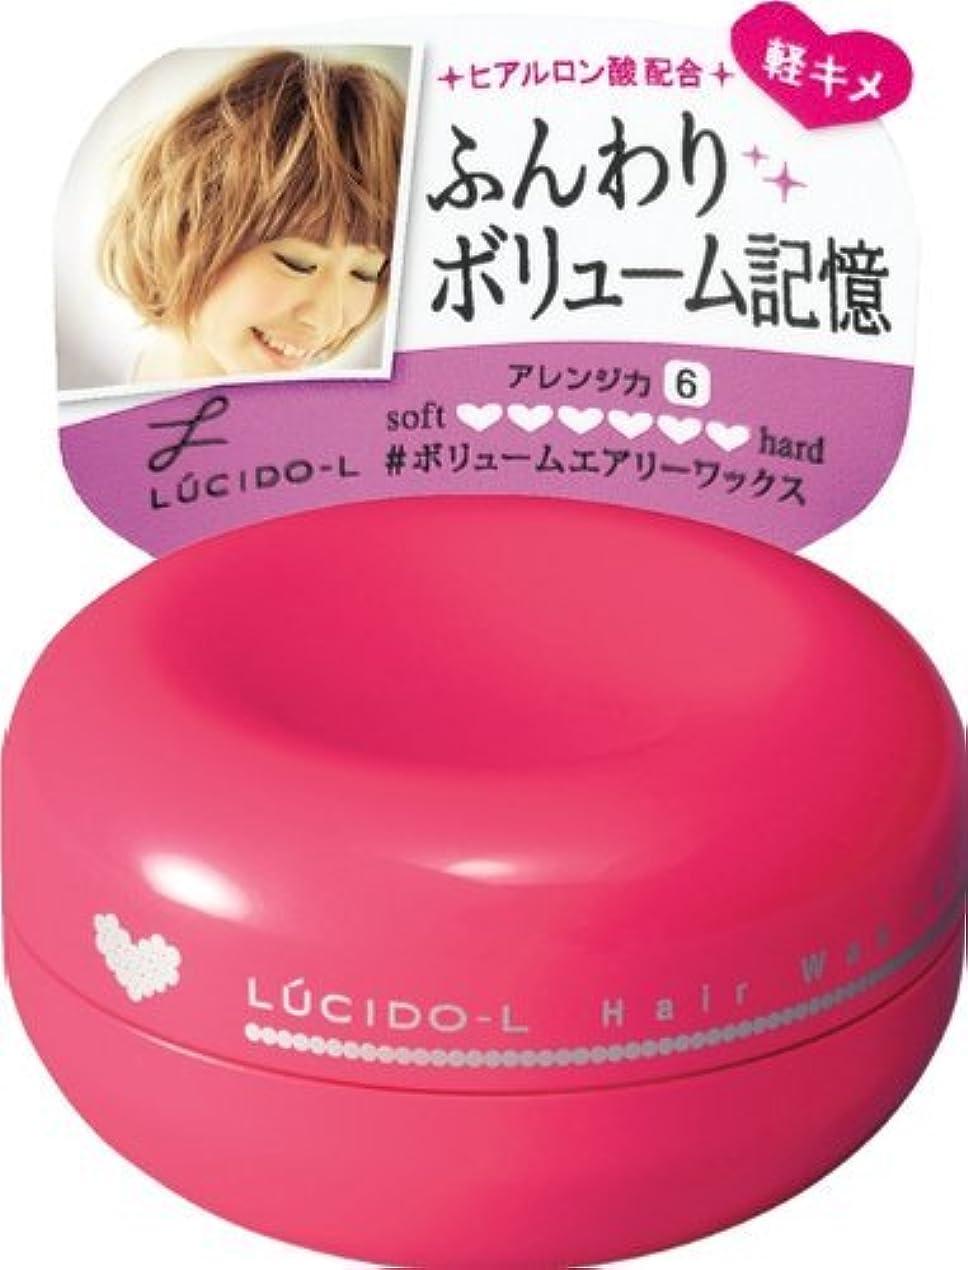 ピンク聖なる危険なLUCIDO-L(ルシードエル) #ボリュームエアリーワックス 60g